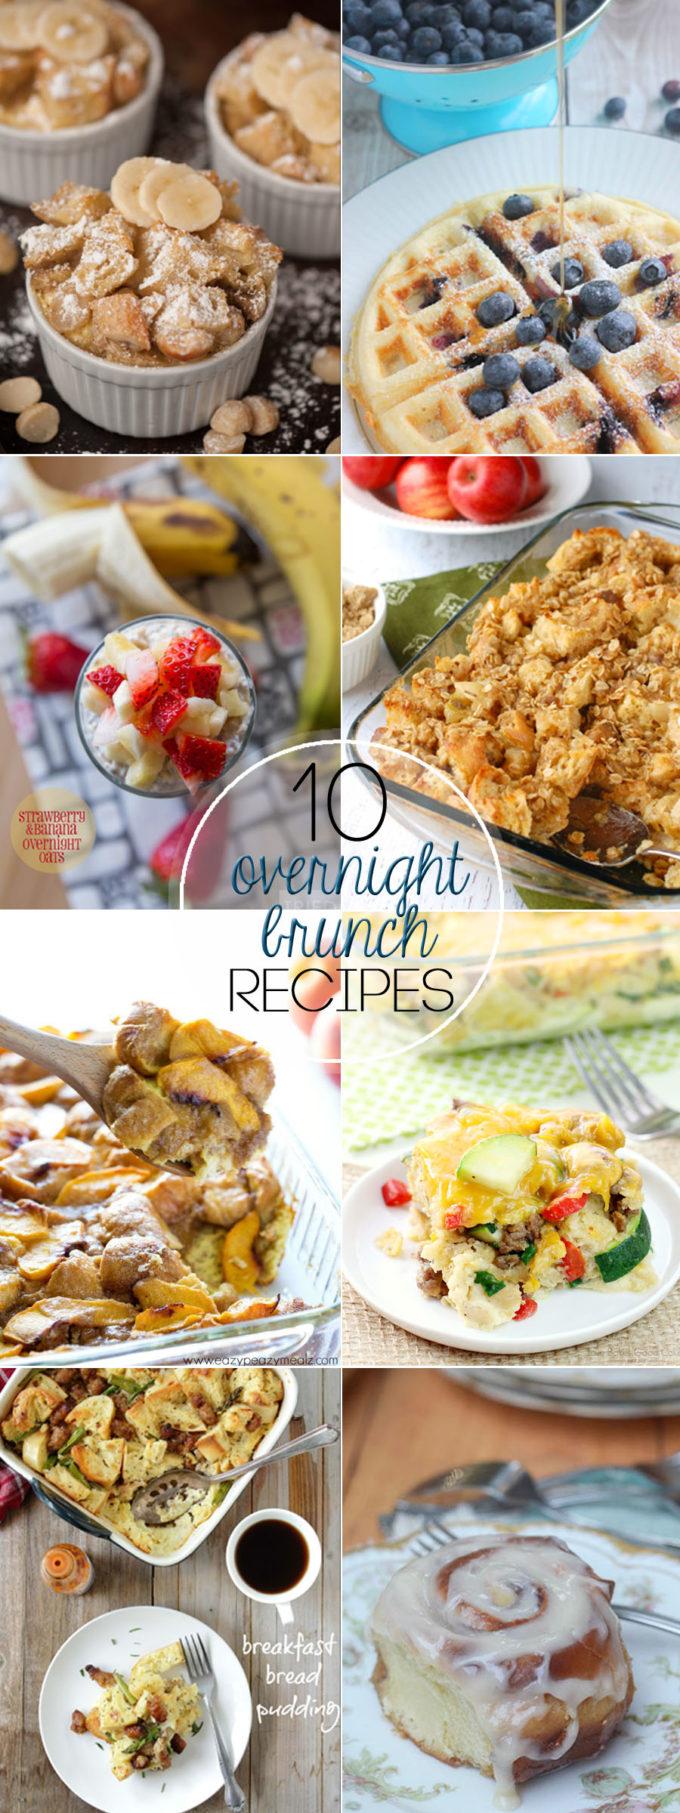 10-overnight-brunch-recipes-pinterest